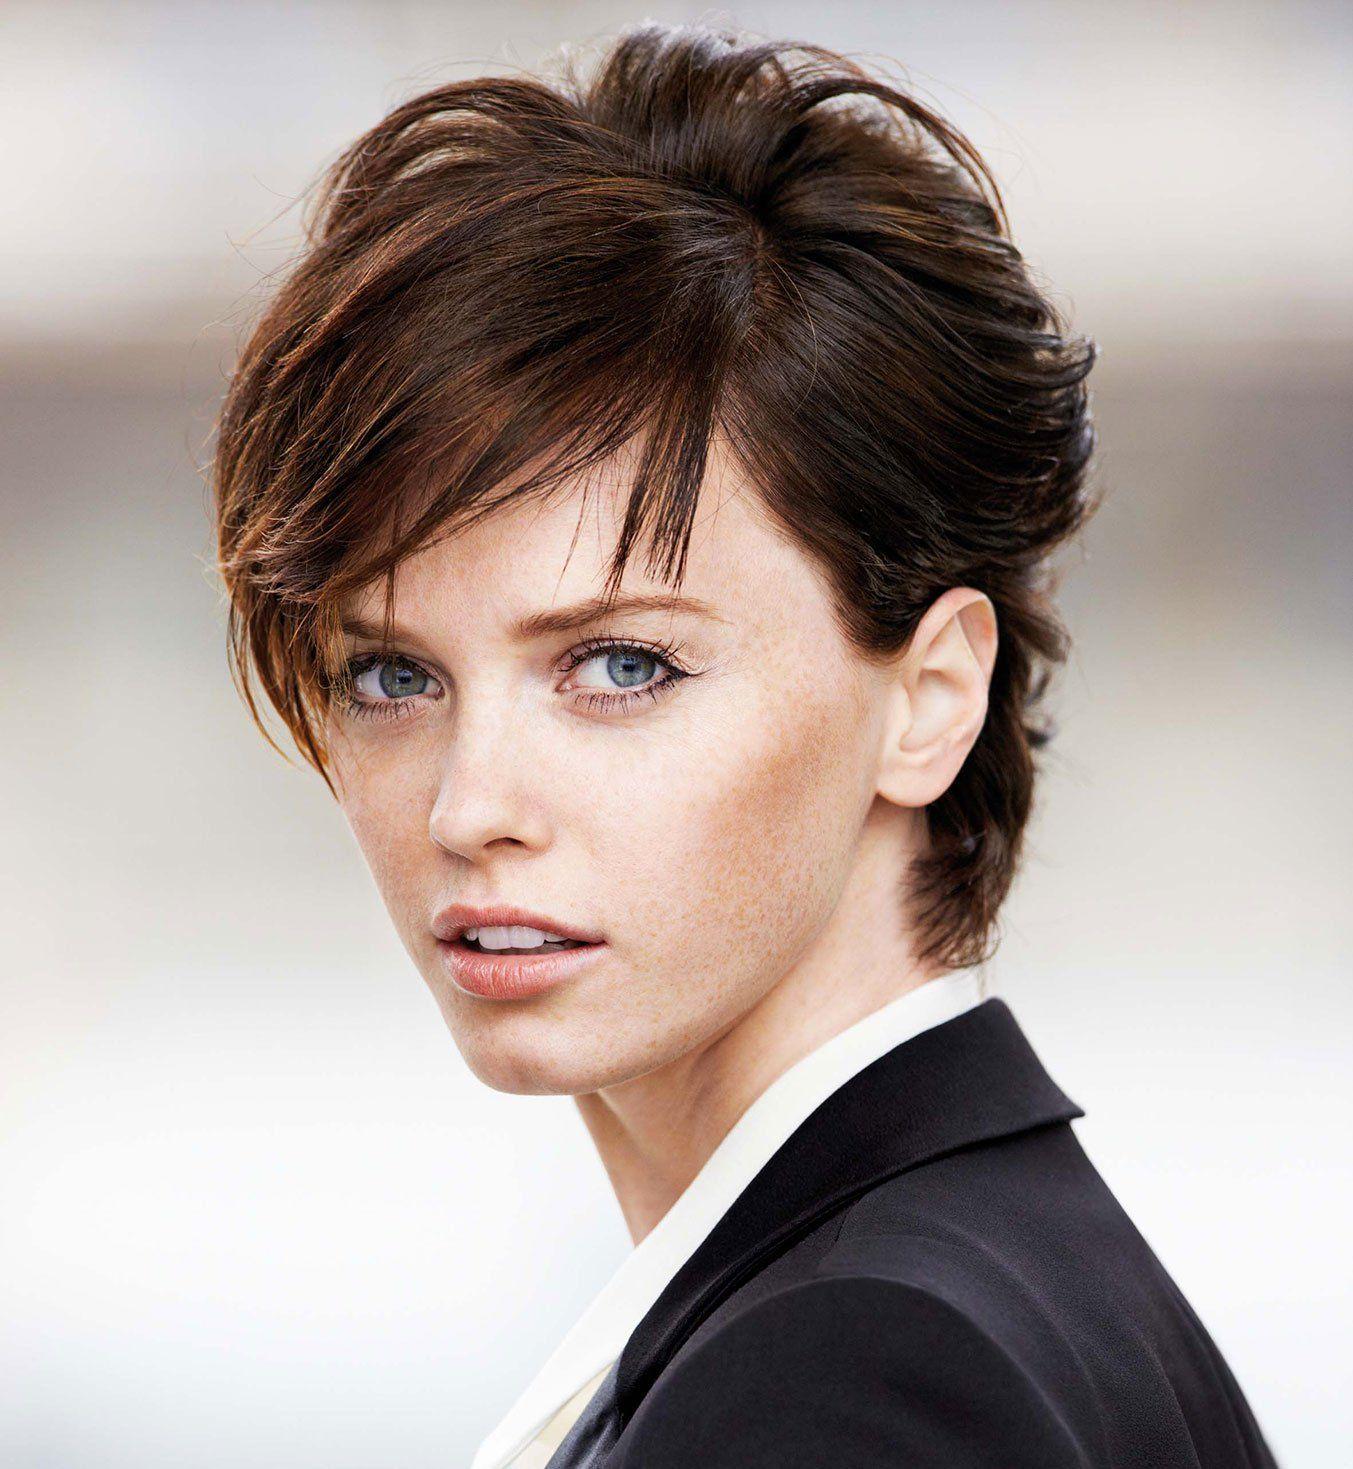 Cheveux courts: quelle coupe courte choisir?